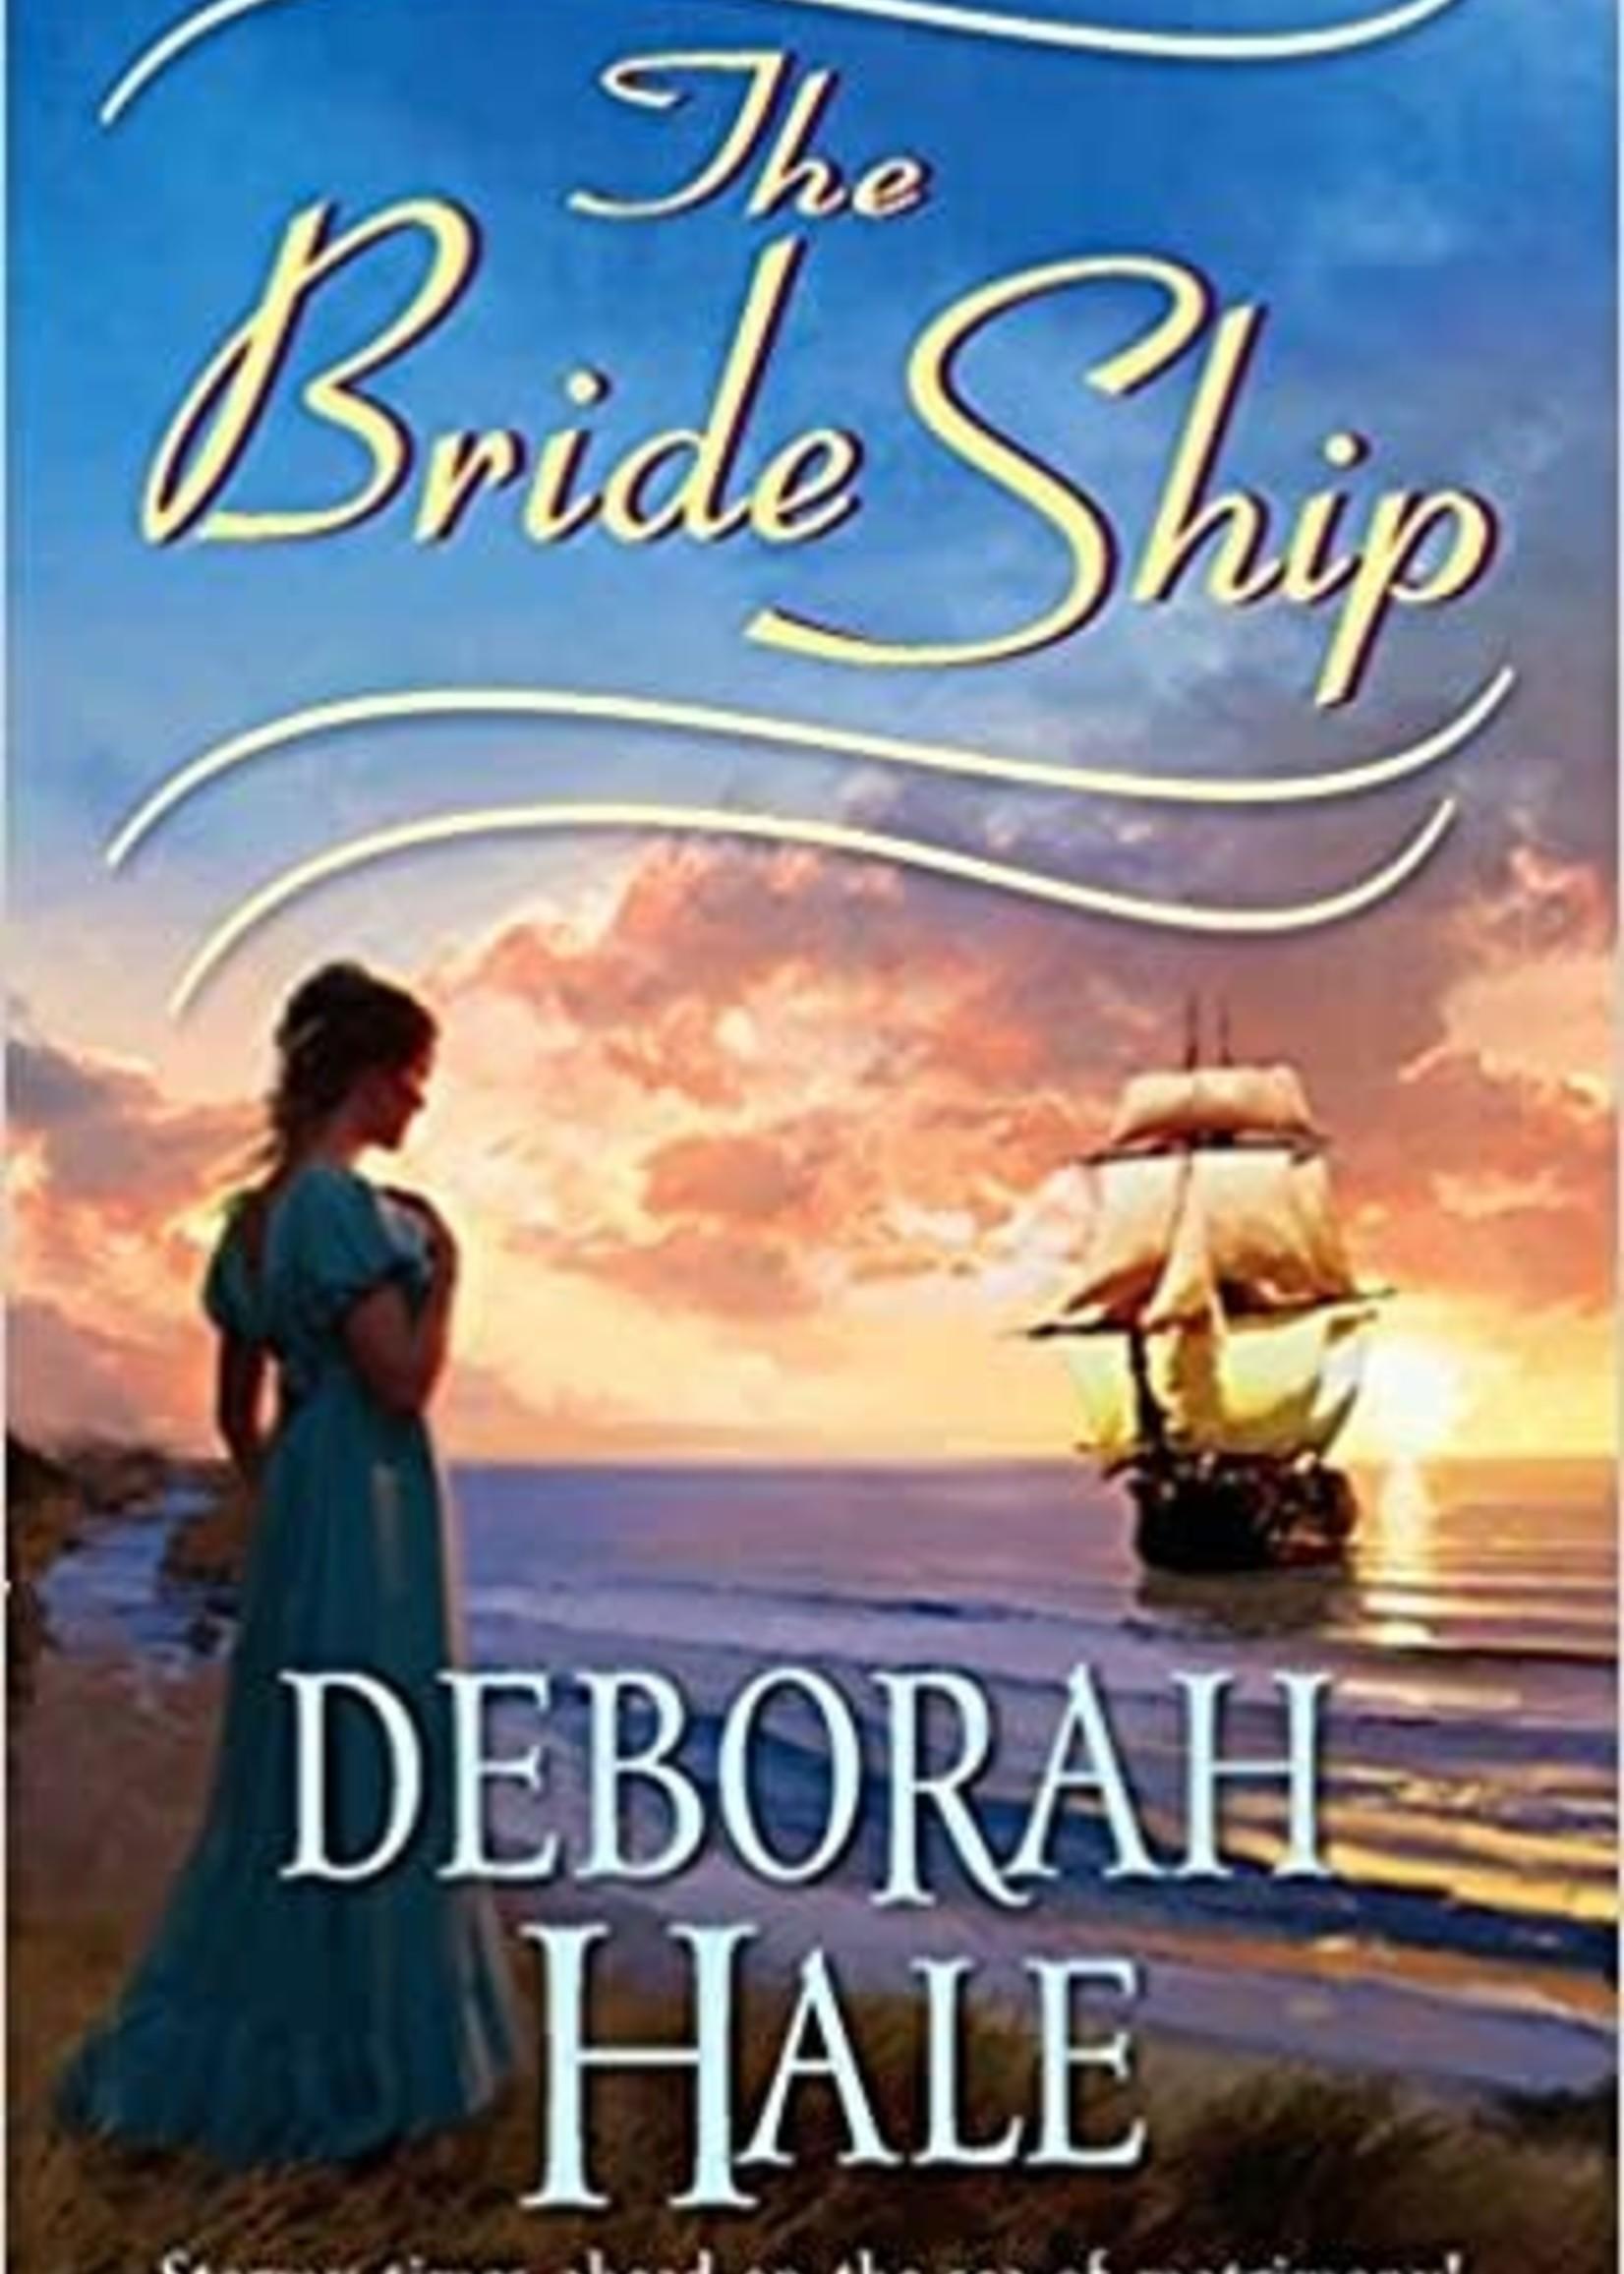 The Bride Ship by Deborah Hale